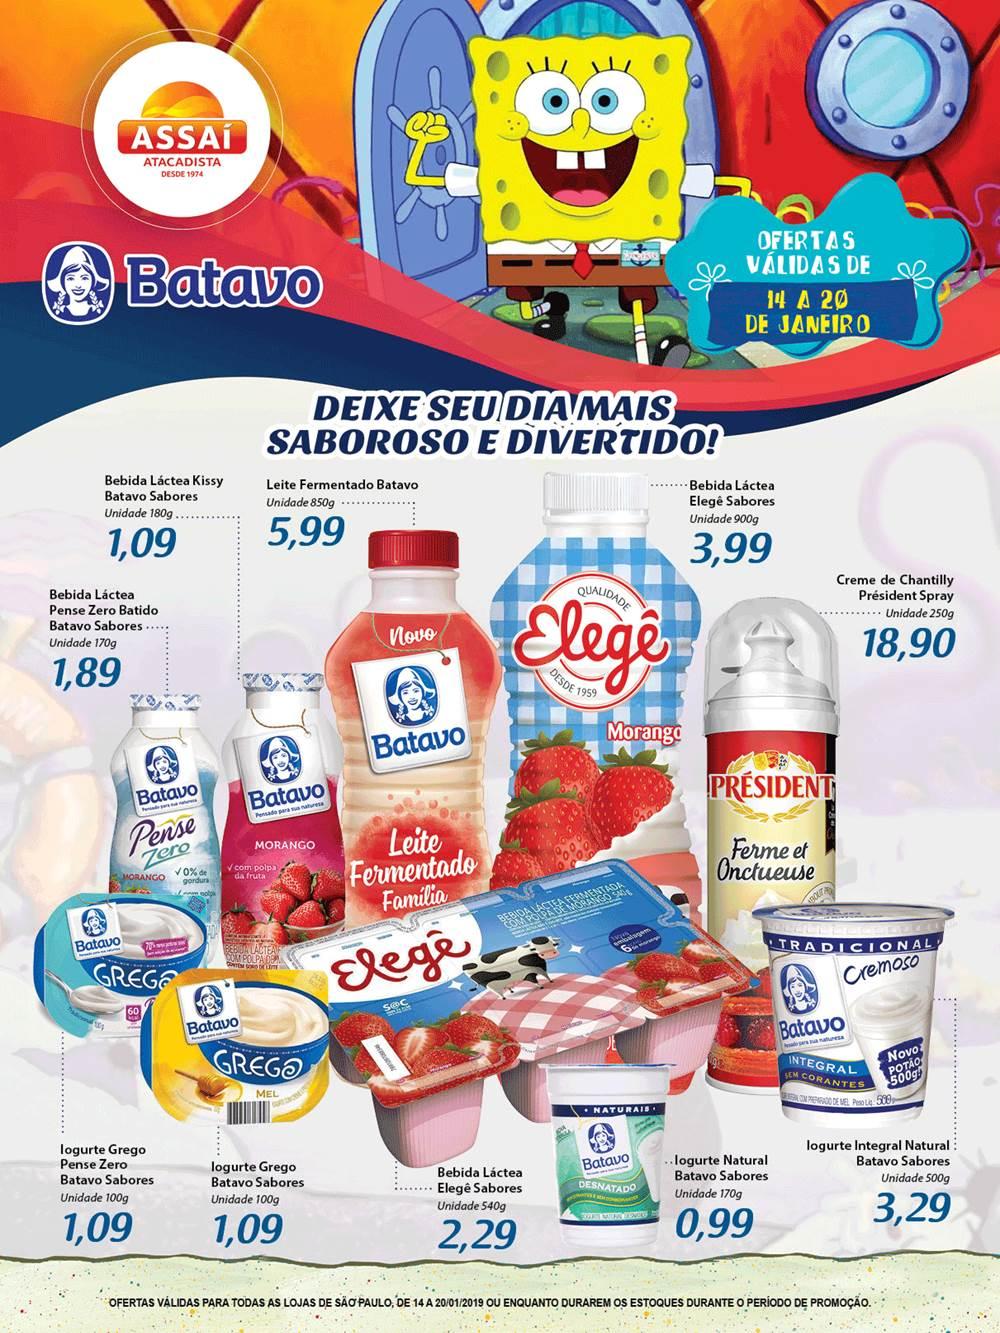 Ofertas-assai1 Ofertas de Supermercados - Economize!